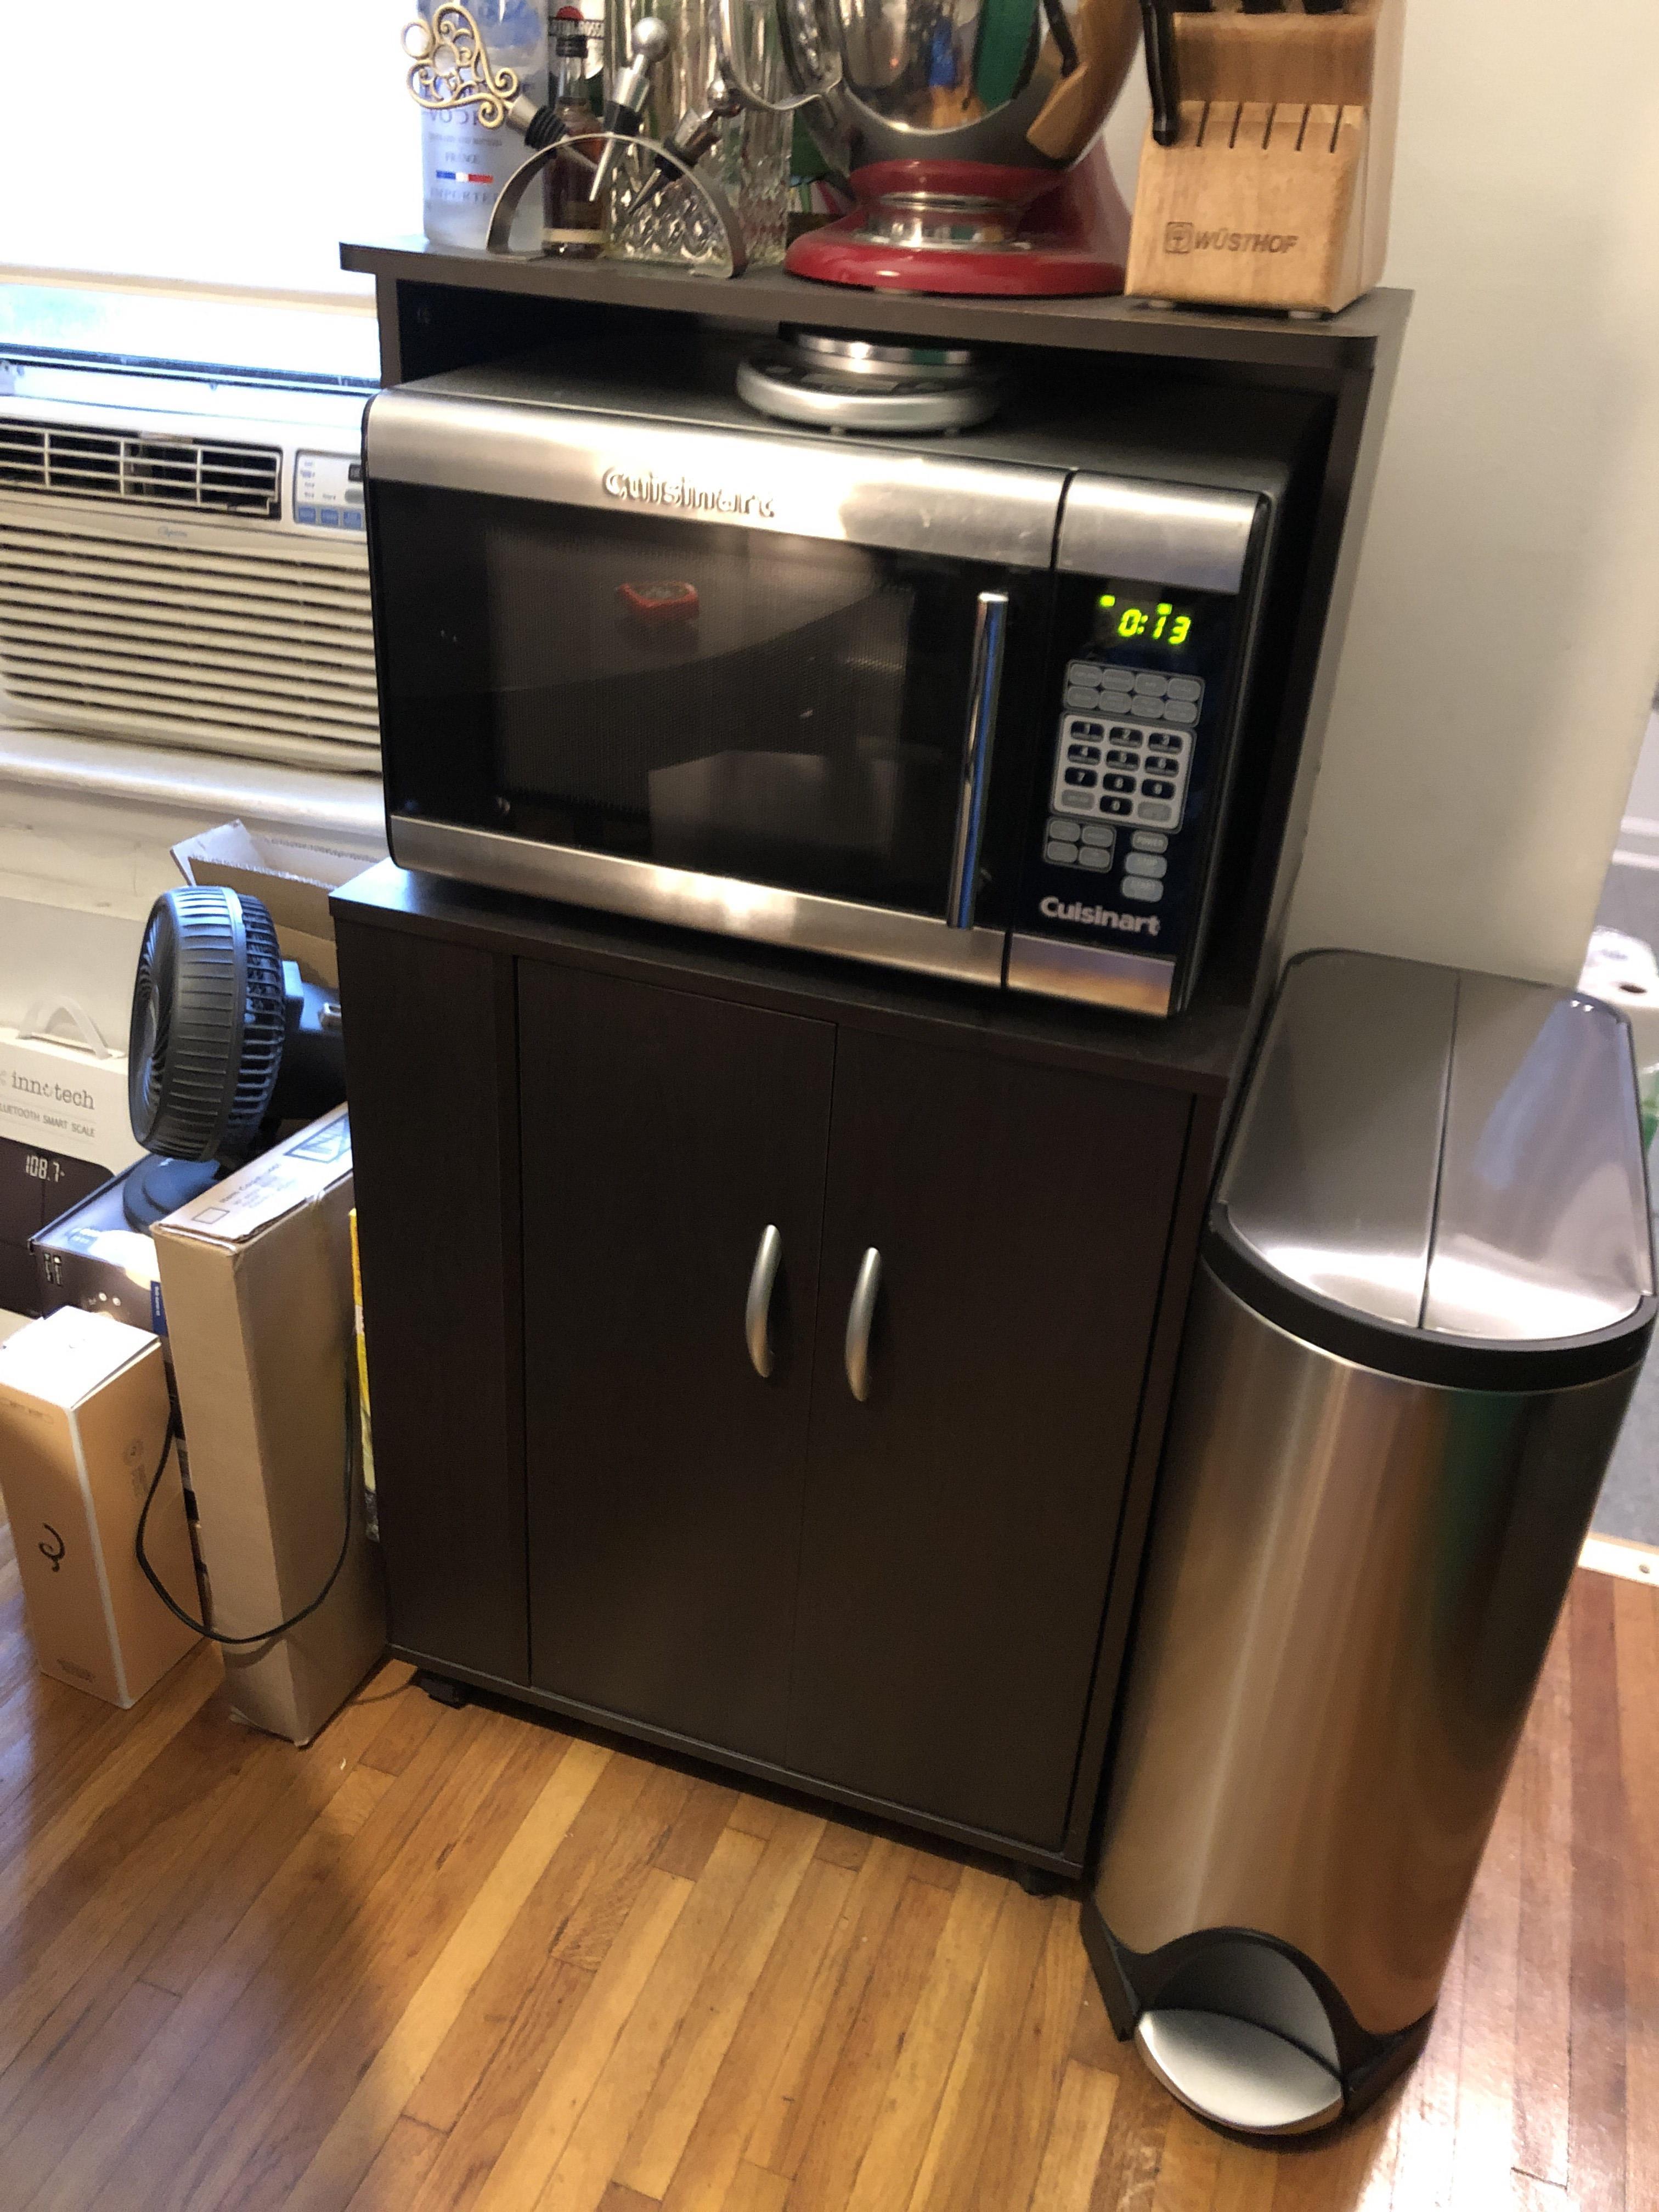 Modern Sideboard/Microwave Cart